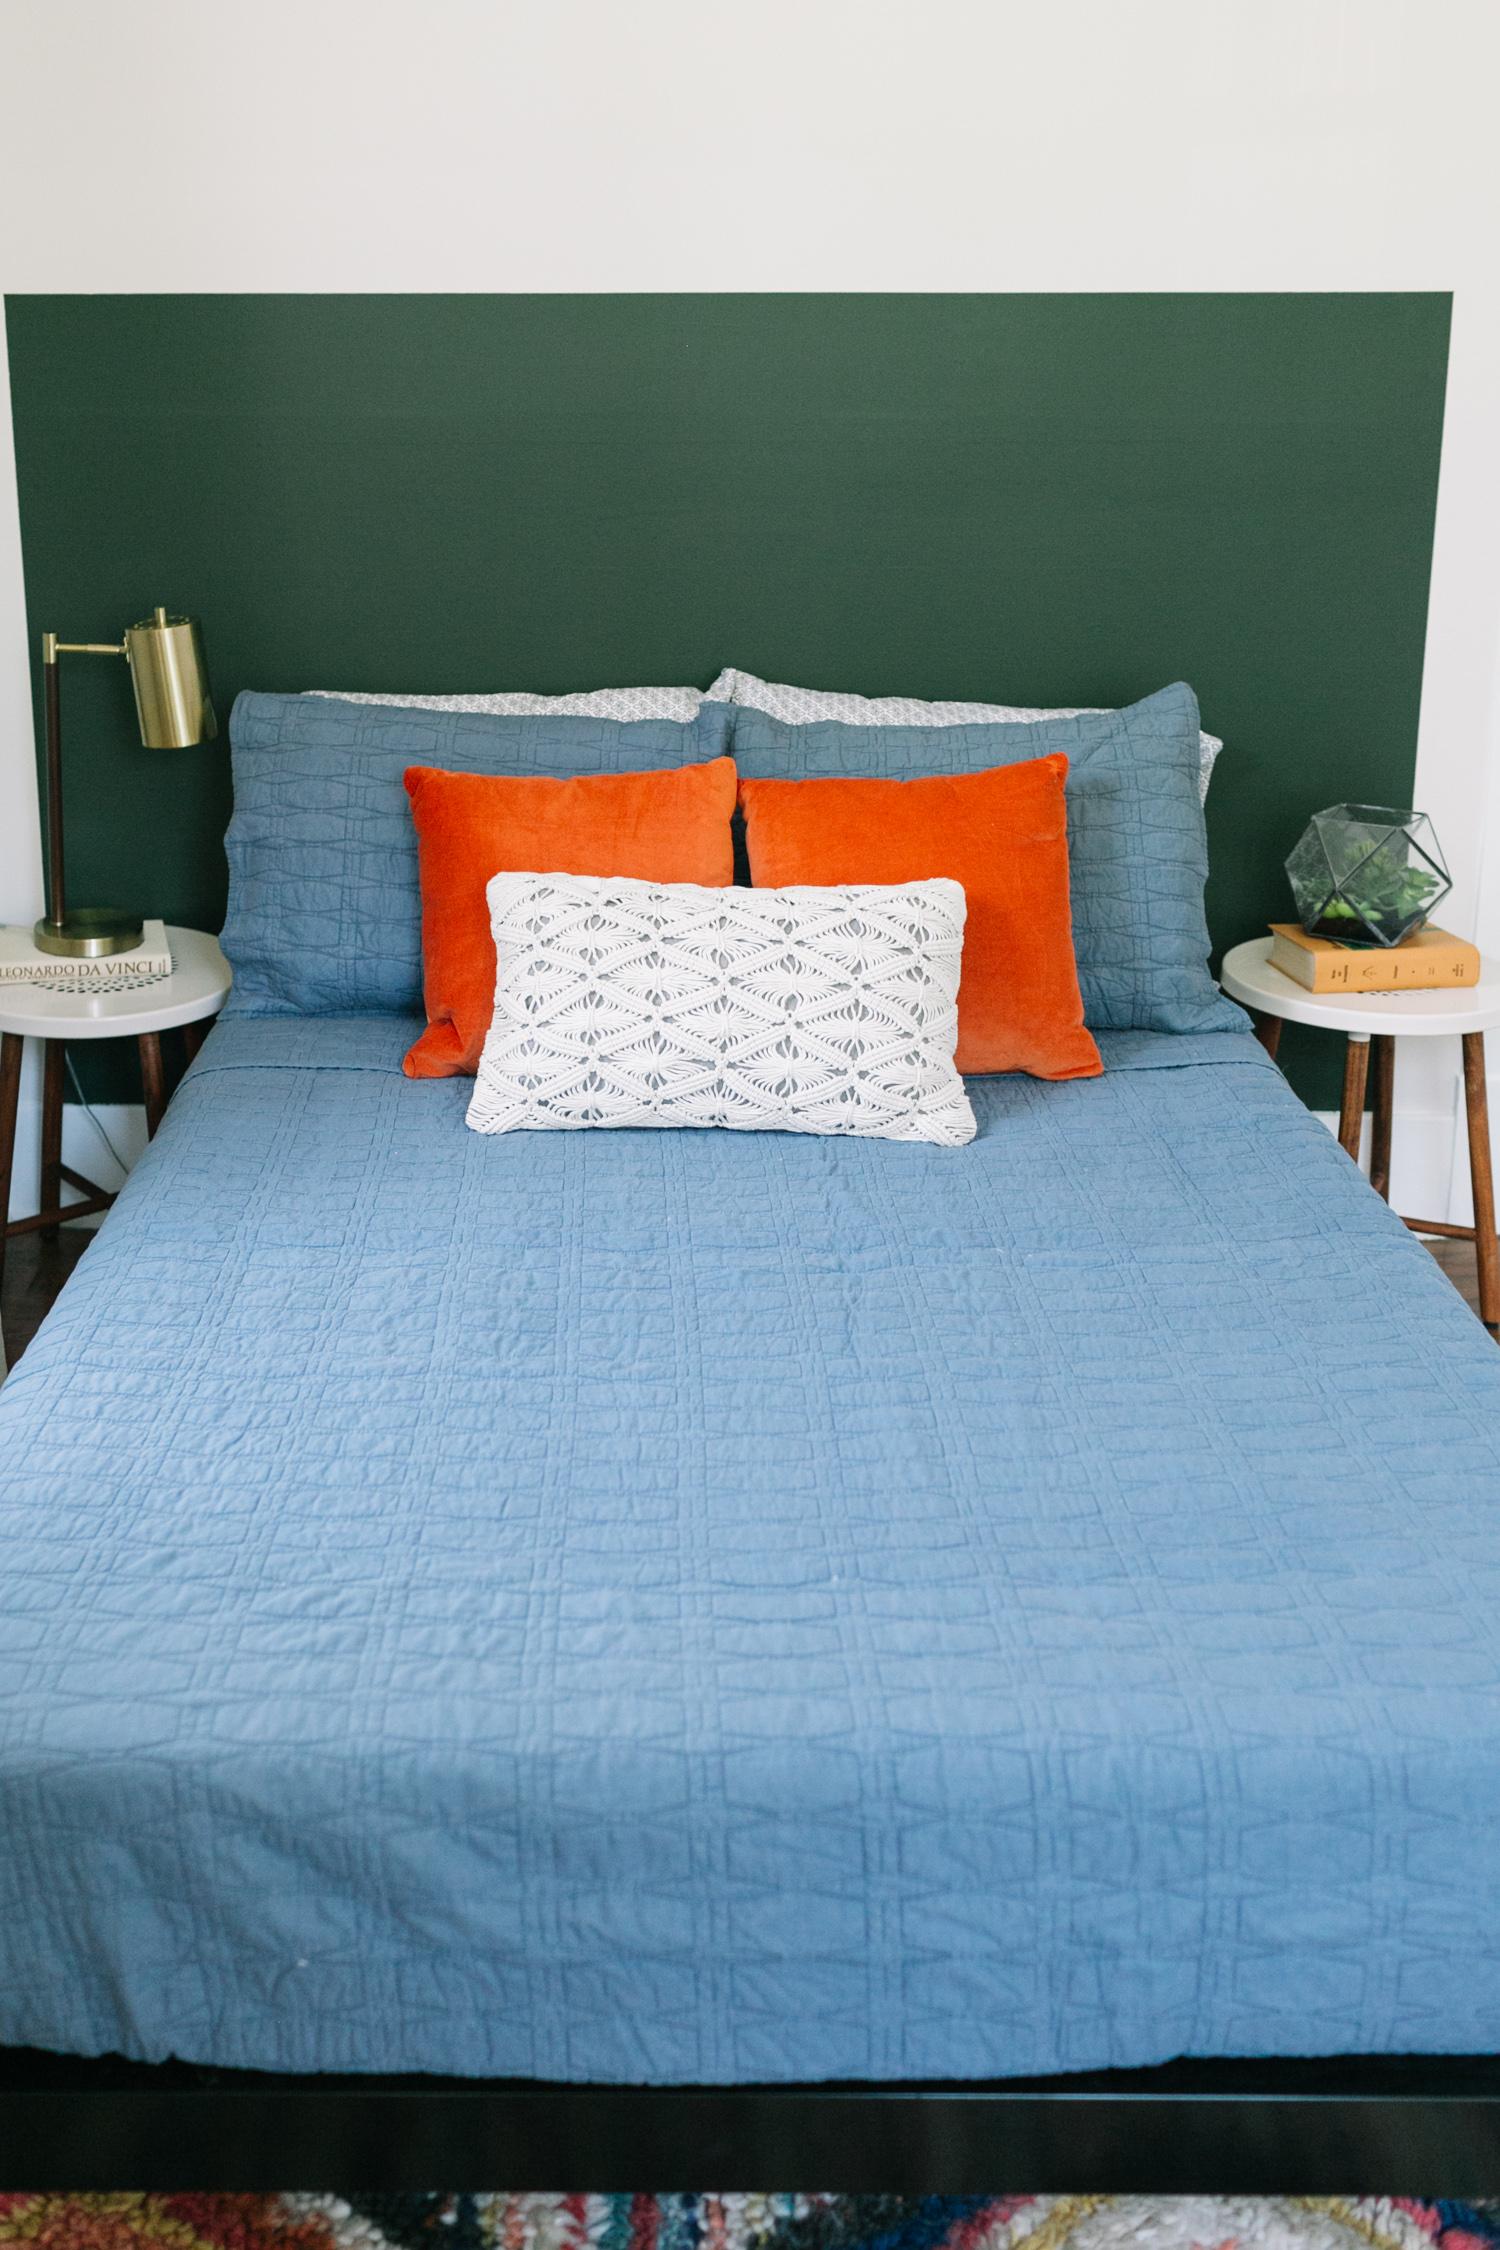 #elsiesnashvillebnb Bedroom Makeover